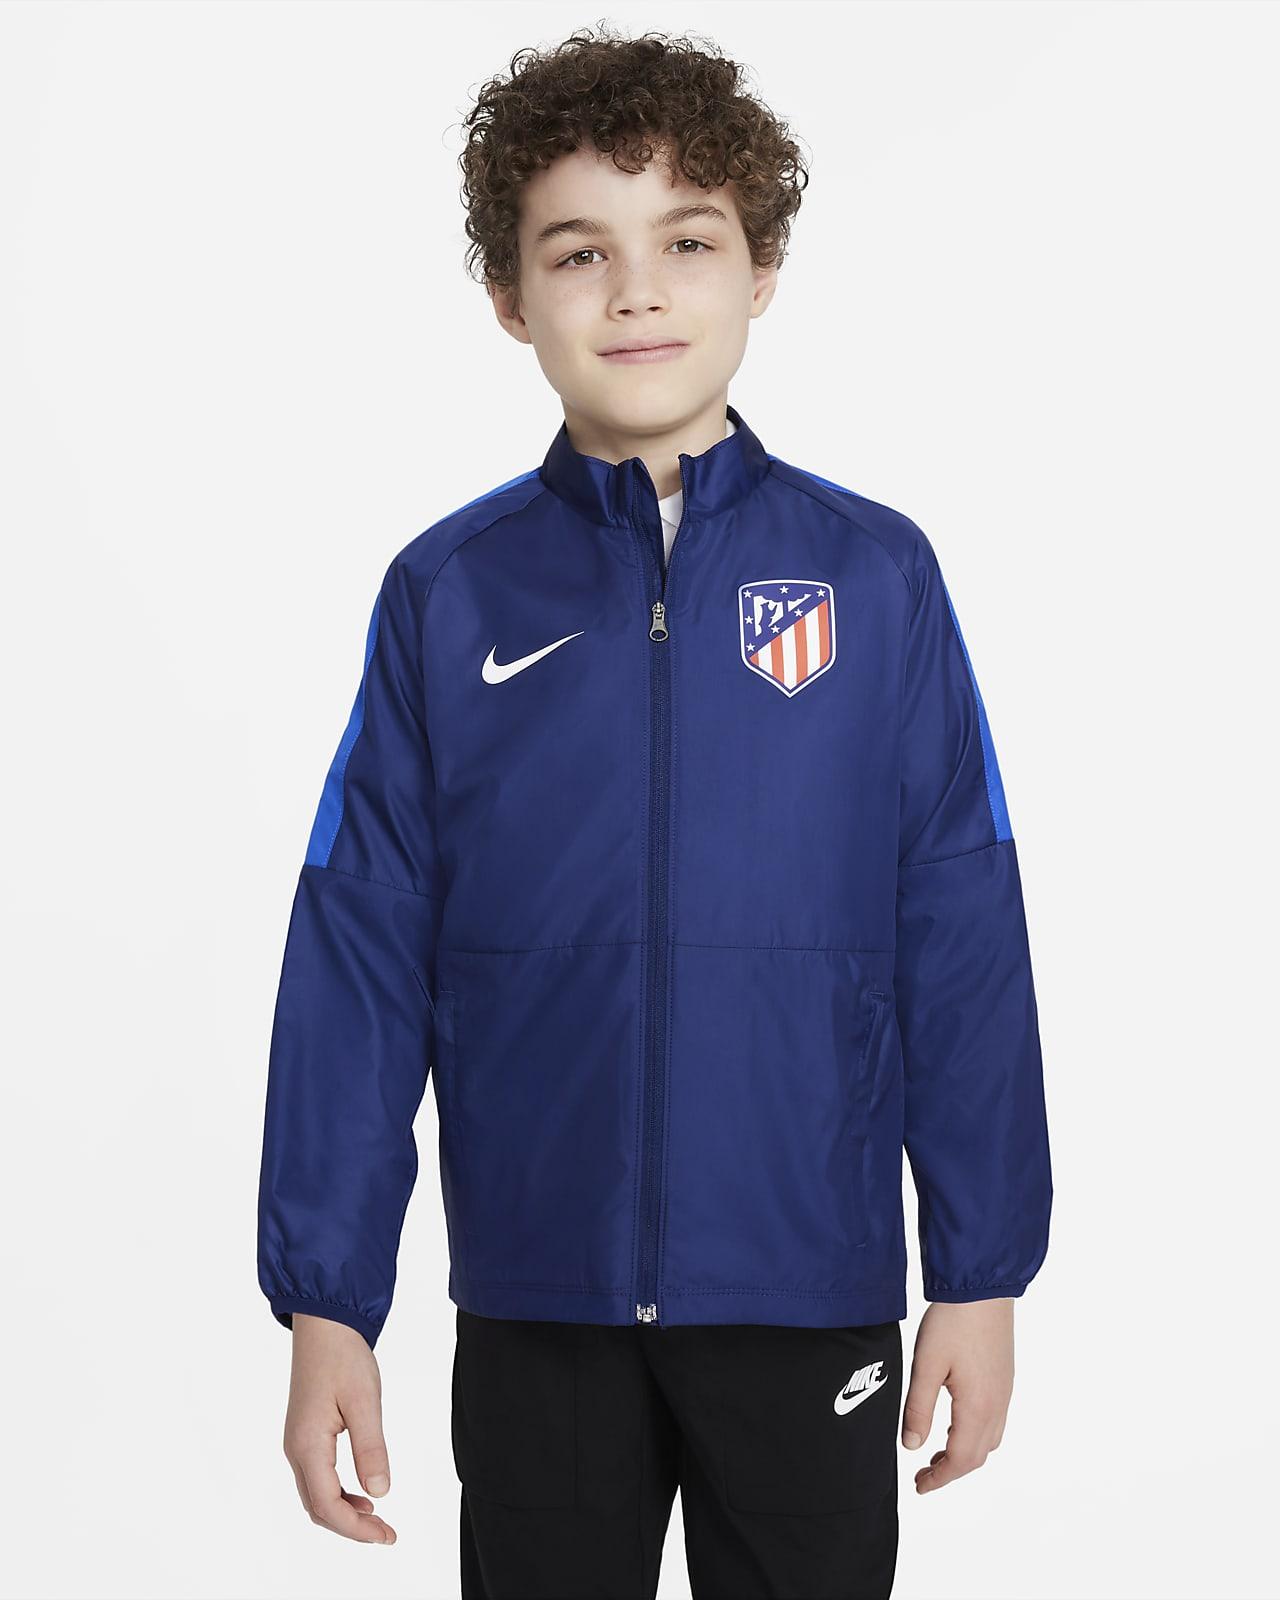 Atlético Madrid Repel Academy AWF Older Kids' Football Jacket